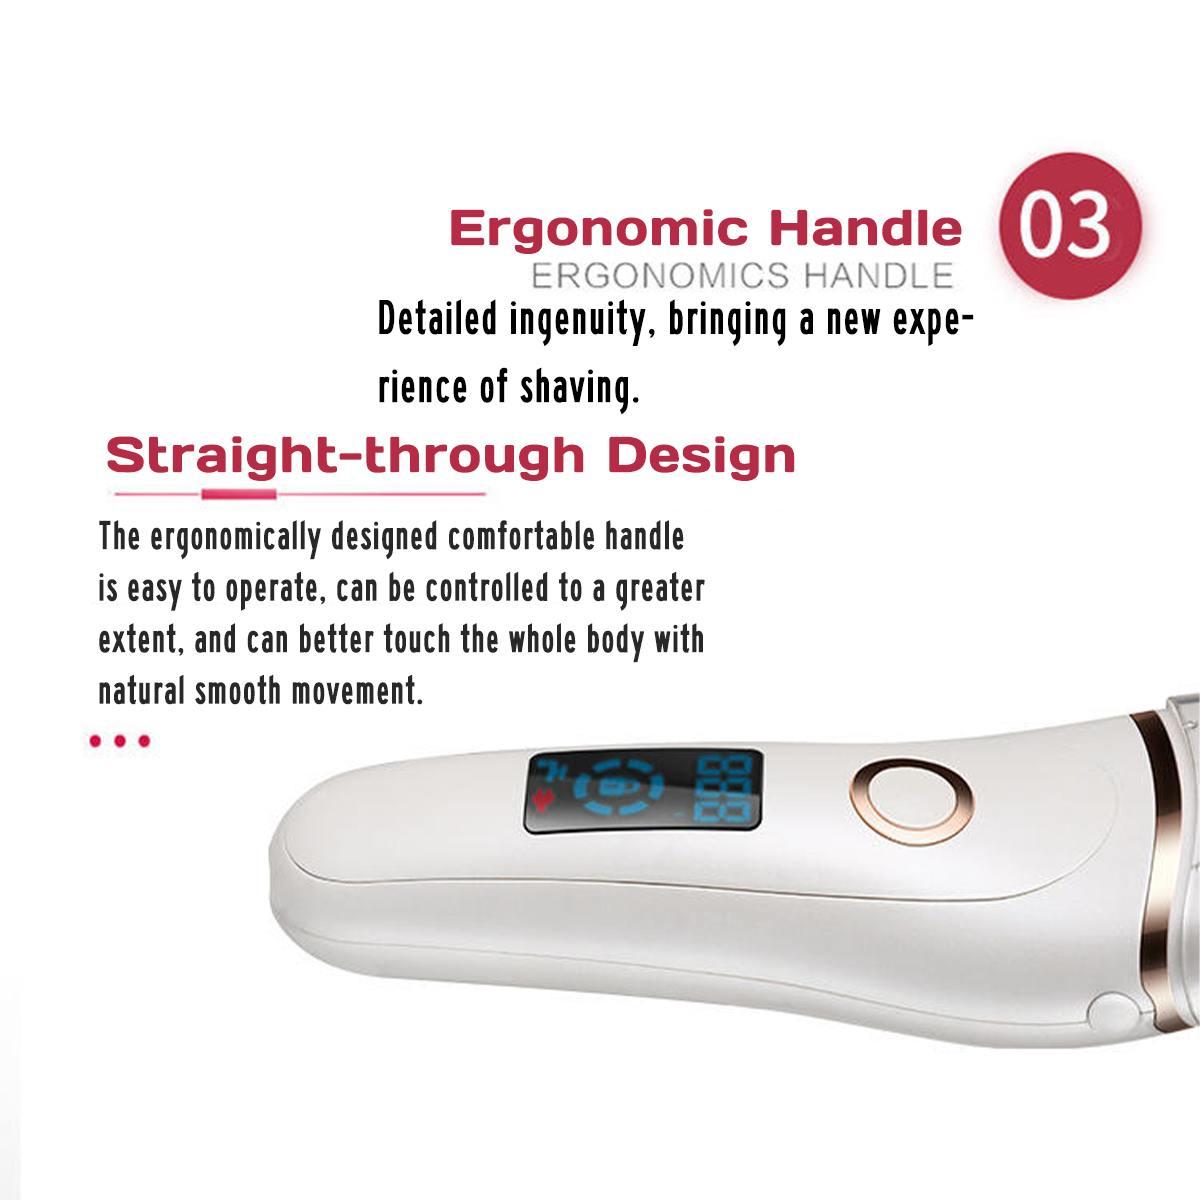 Перезаряжаемый светодиодный электробритва для женщин для удаления волос на ногах/Бритва для сухого влажного бритья 100 в/240 в 16x4 см три ножа комбинация белого АБС-пластика